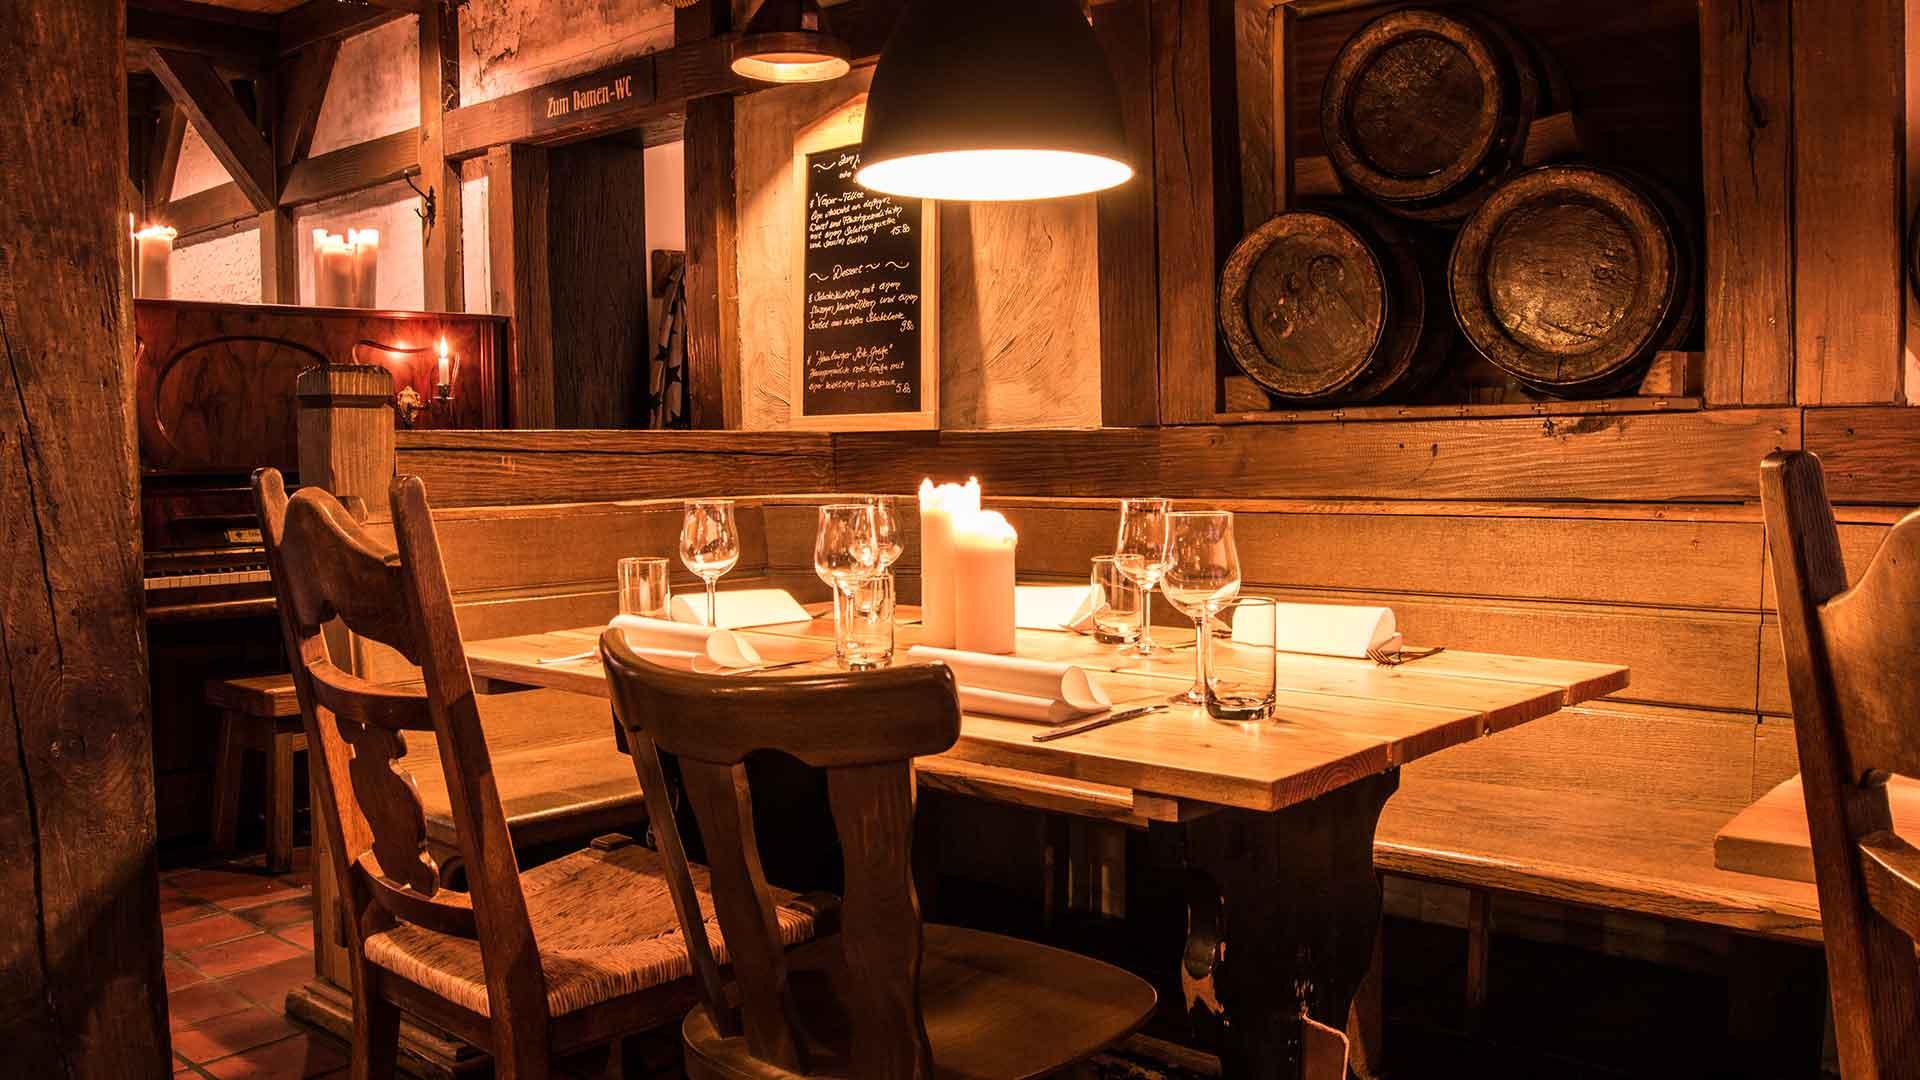 Restaurant Schoppenhauer - Startseite